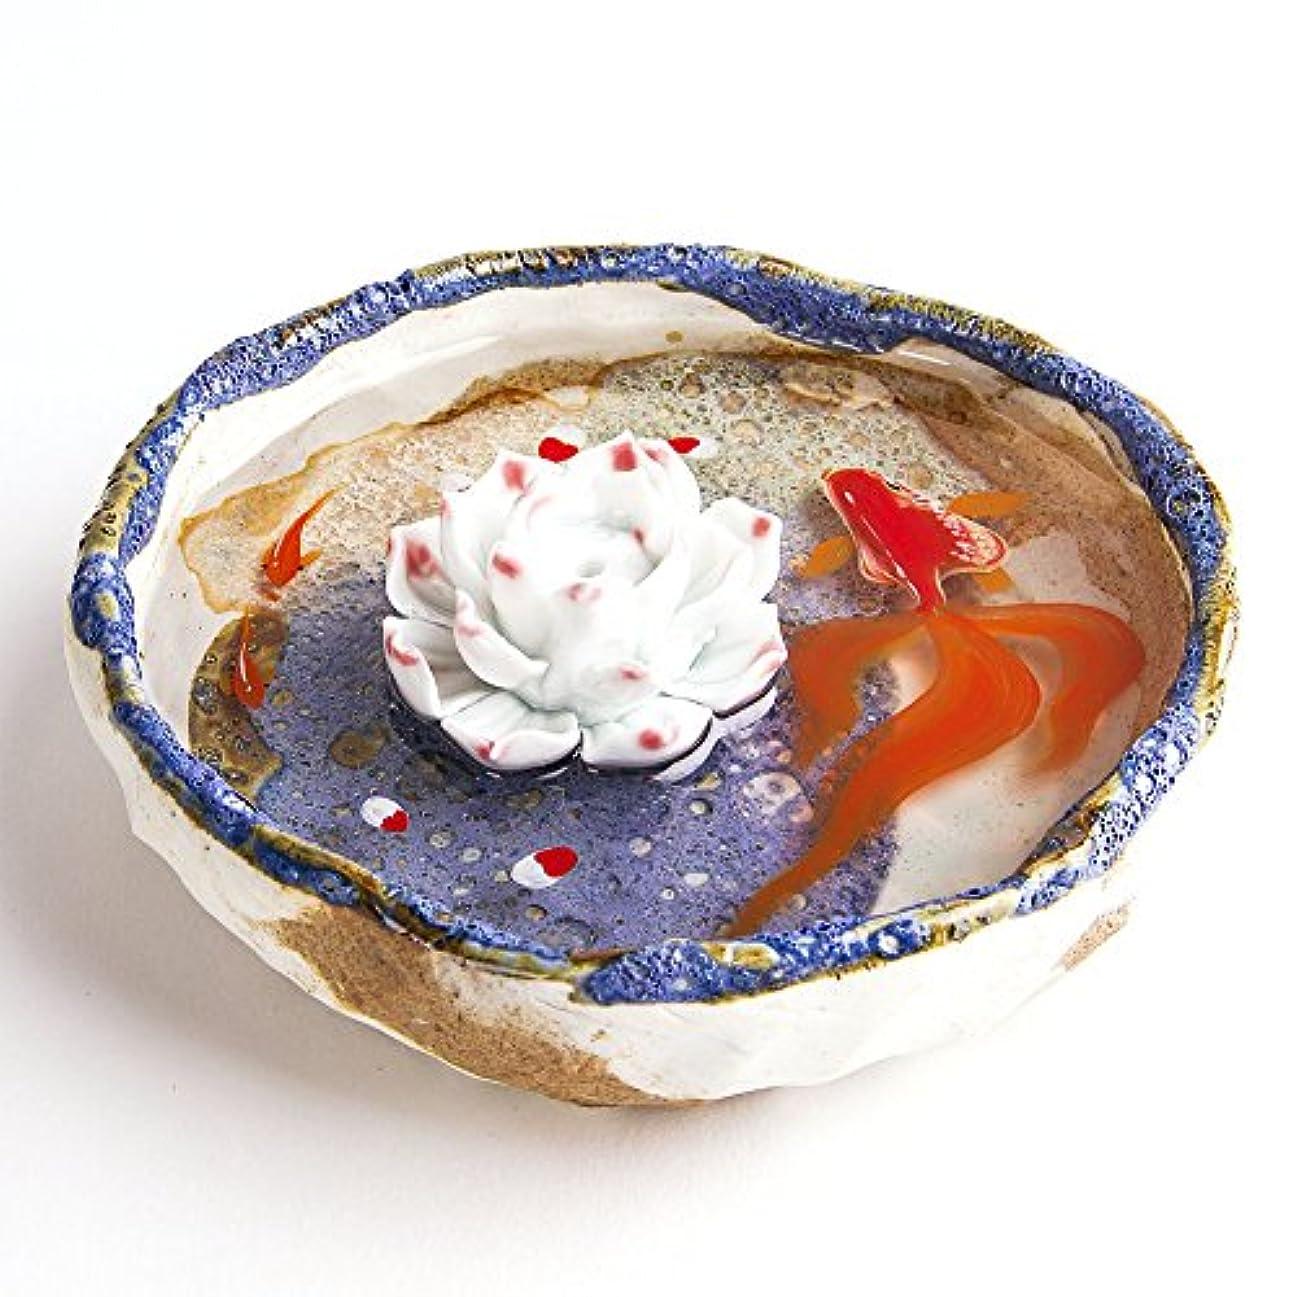 絶滅したボトルネックぶどうお香立て お香たて 香の器 お香を焚いて 香皿,陶磁器、ブルー